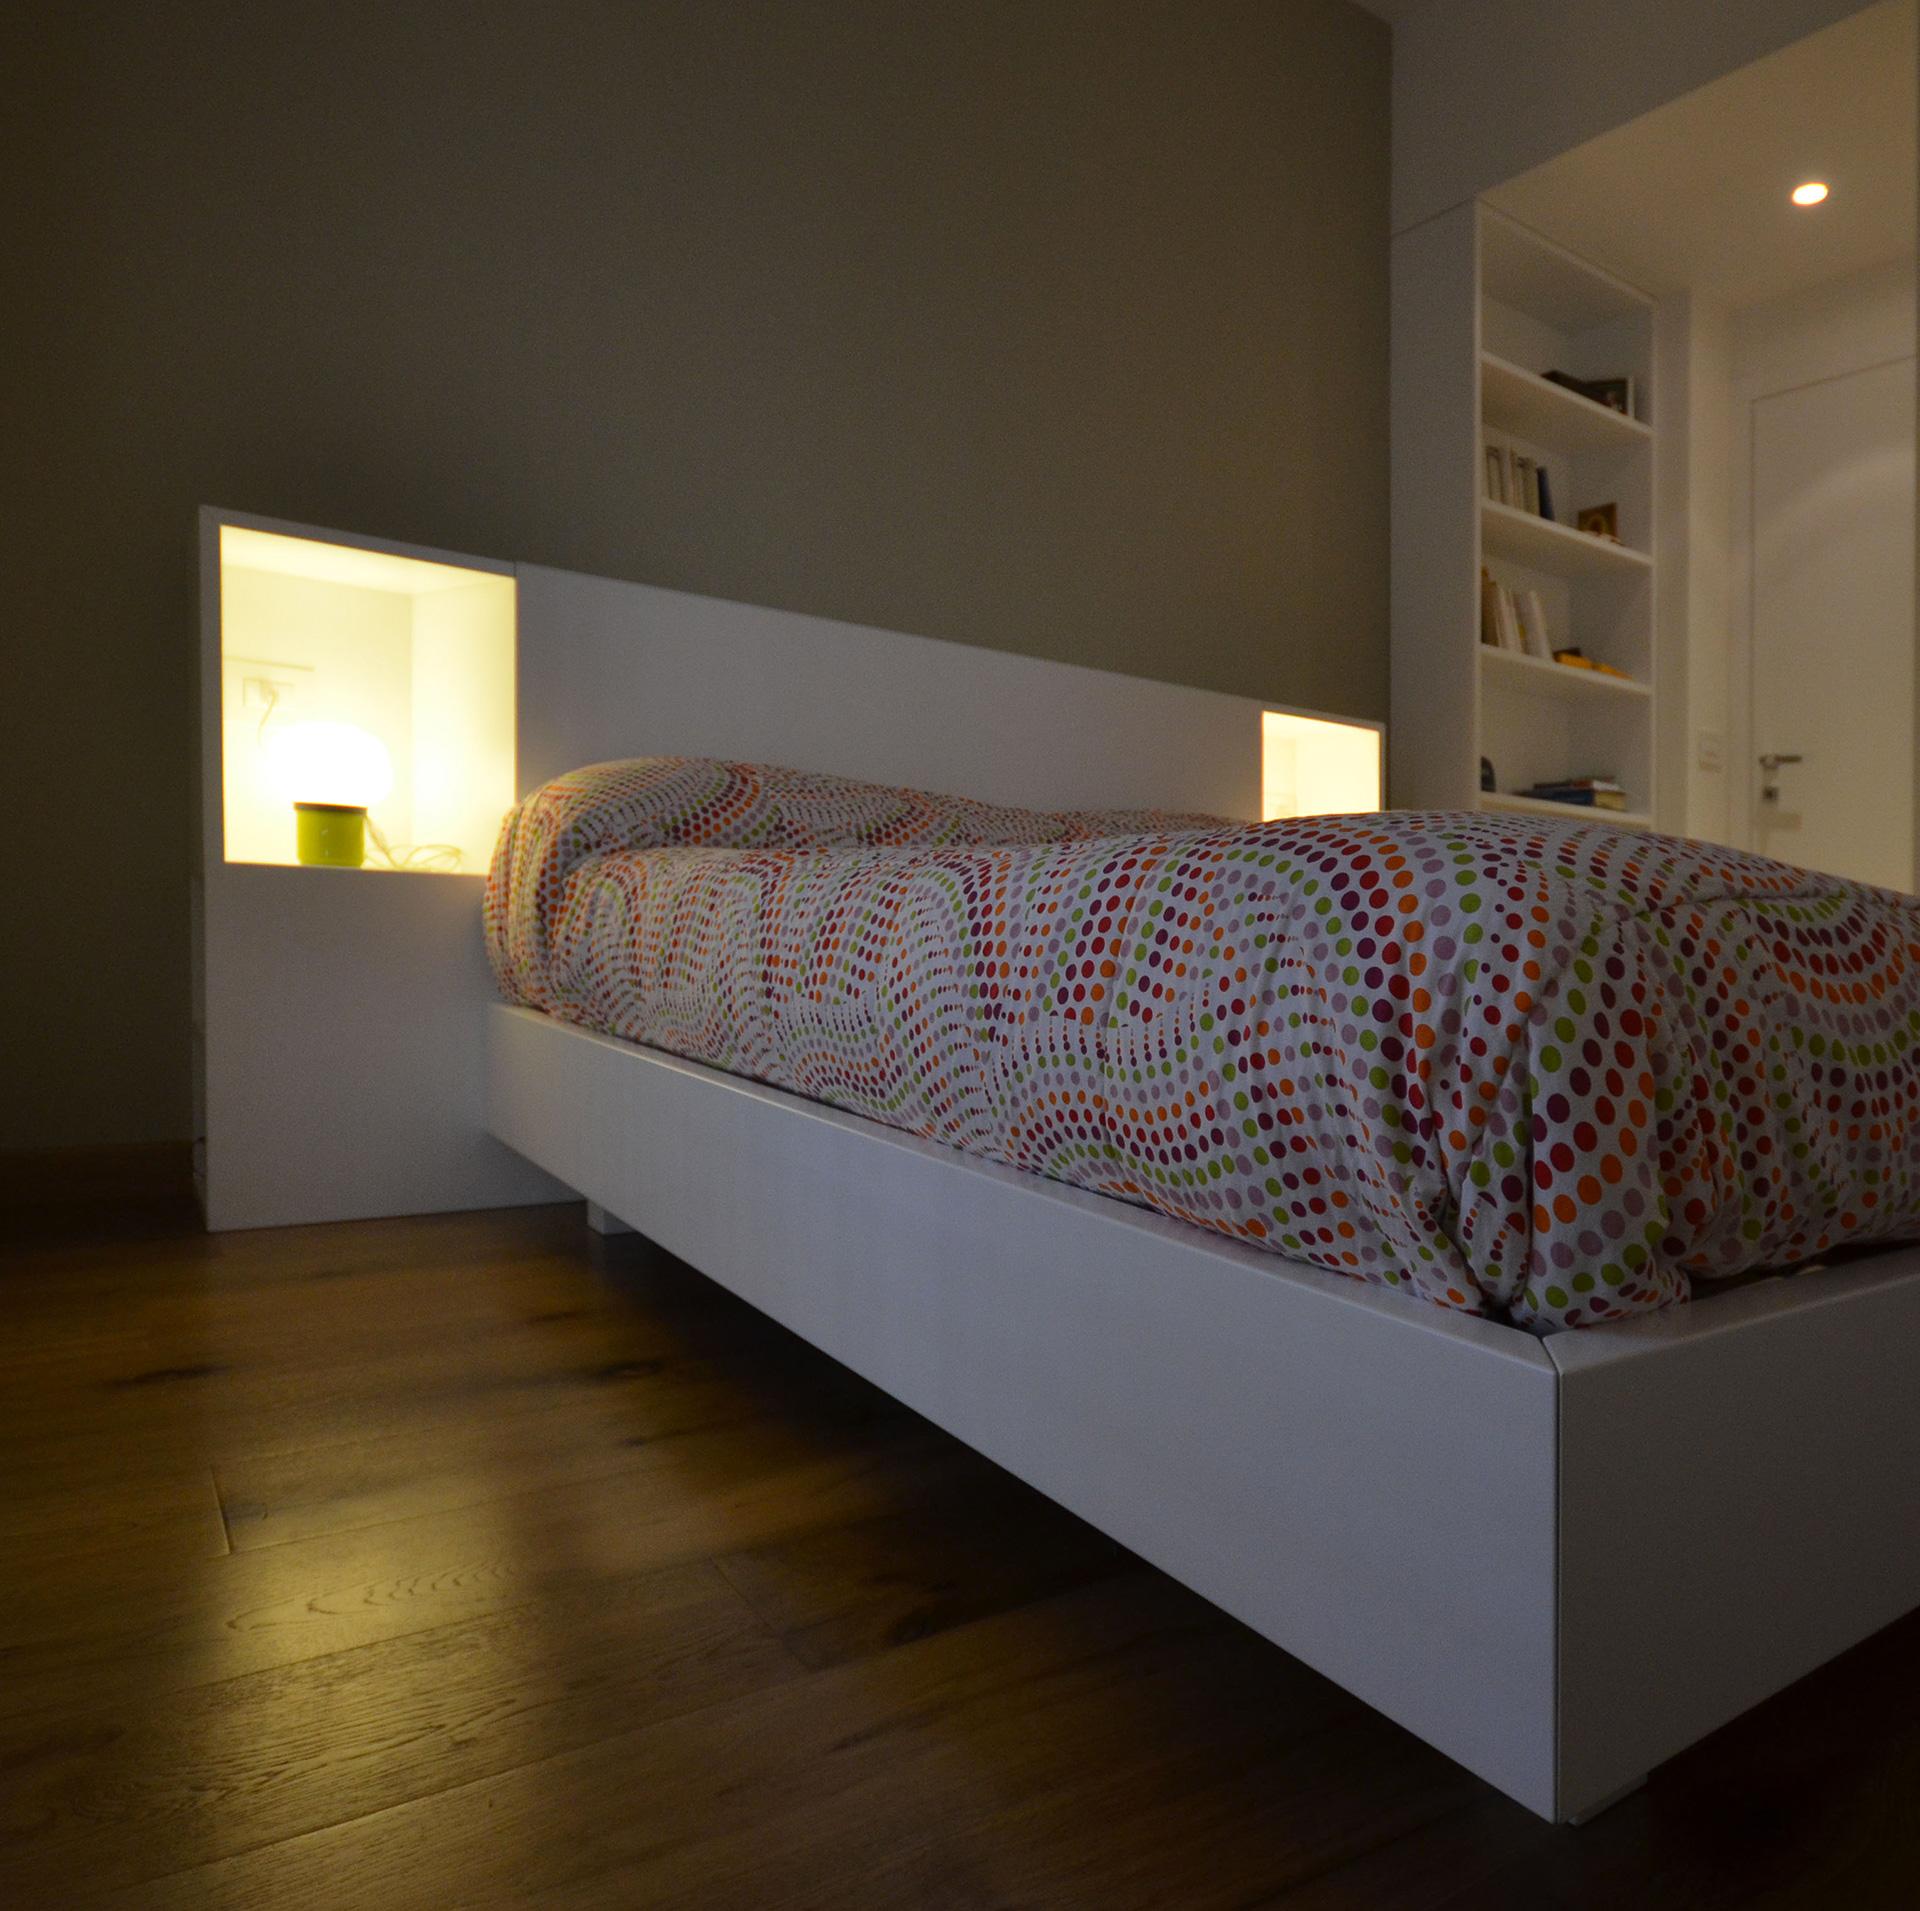 casa LT EDC. anche il letto è stato disegnato dall'architetto francesco valentini e realizzato dalla Simar arredamenti